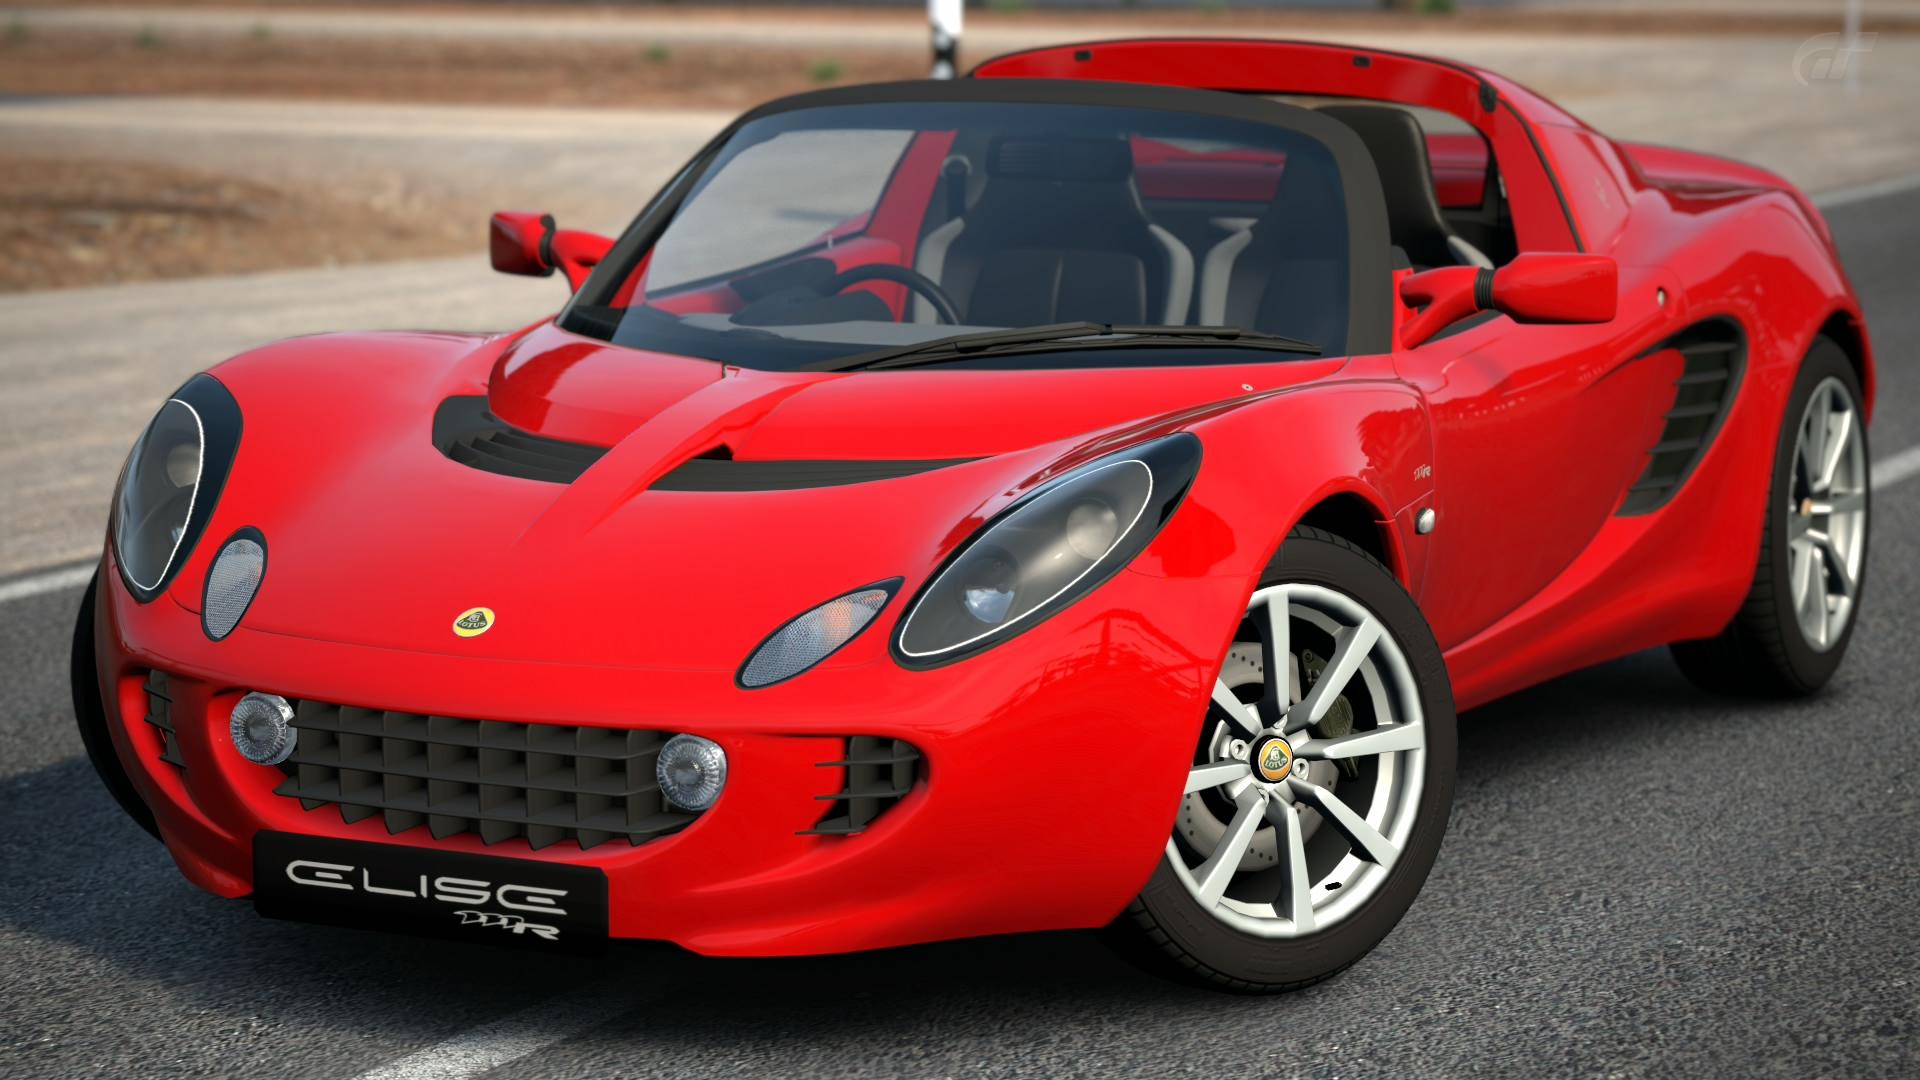 Lotus Elise 111r 04